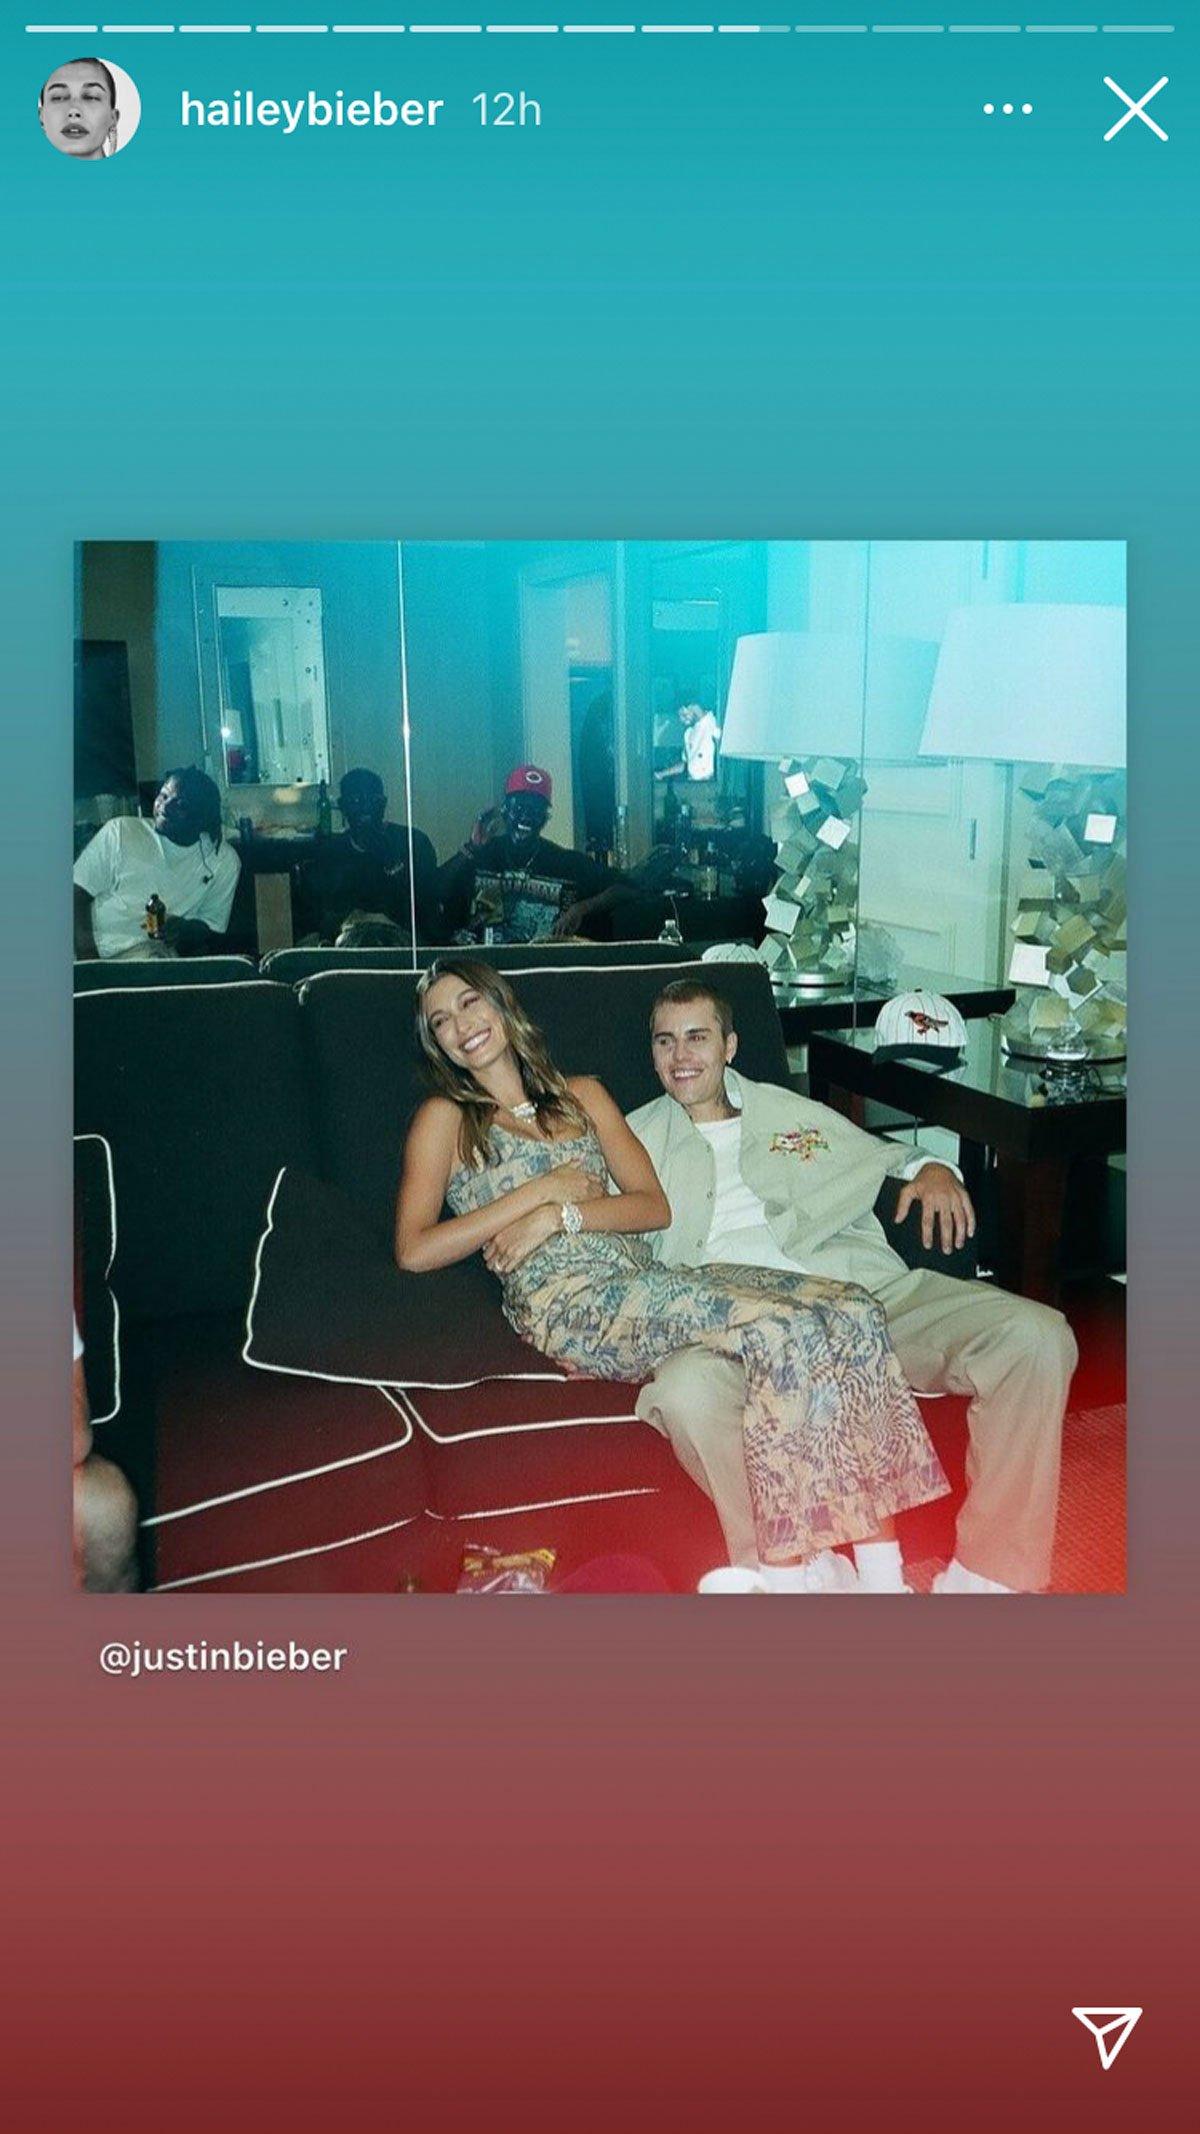 Hailey Bieber Instagram Stories post